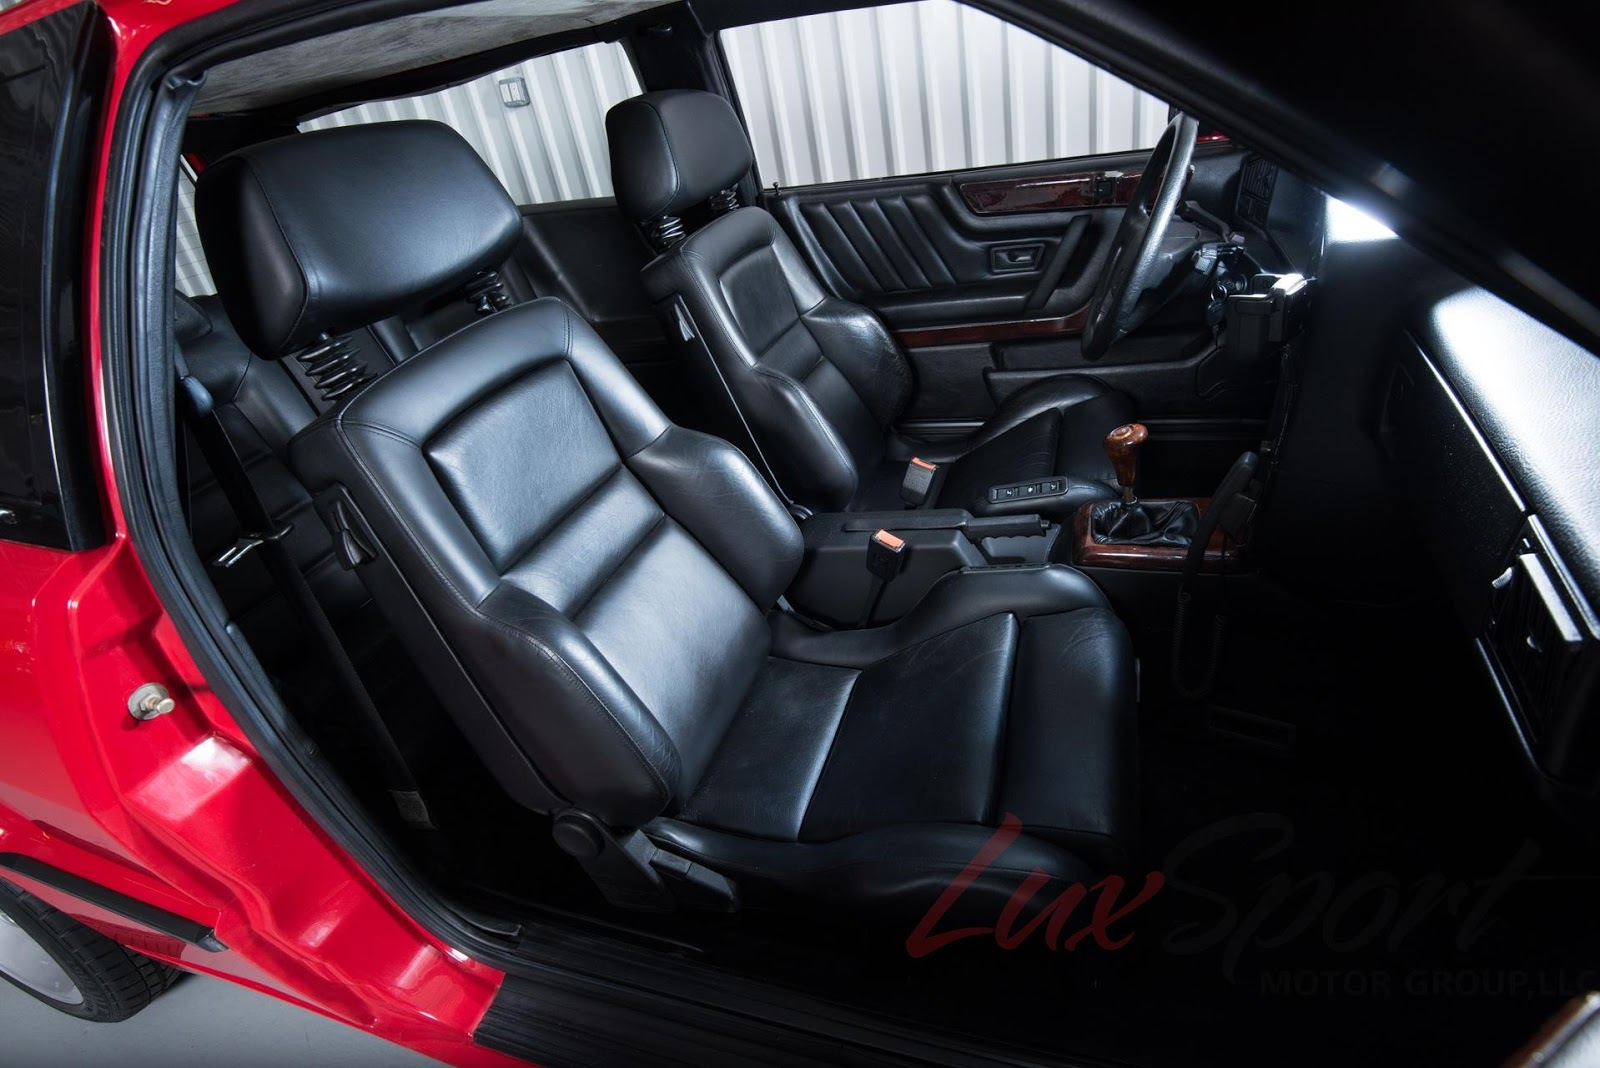 VW Corrado Magnum